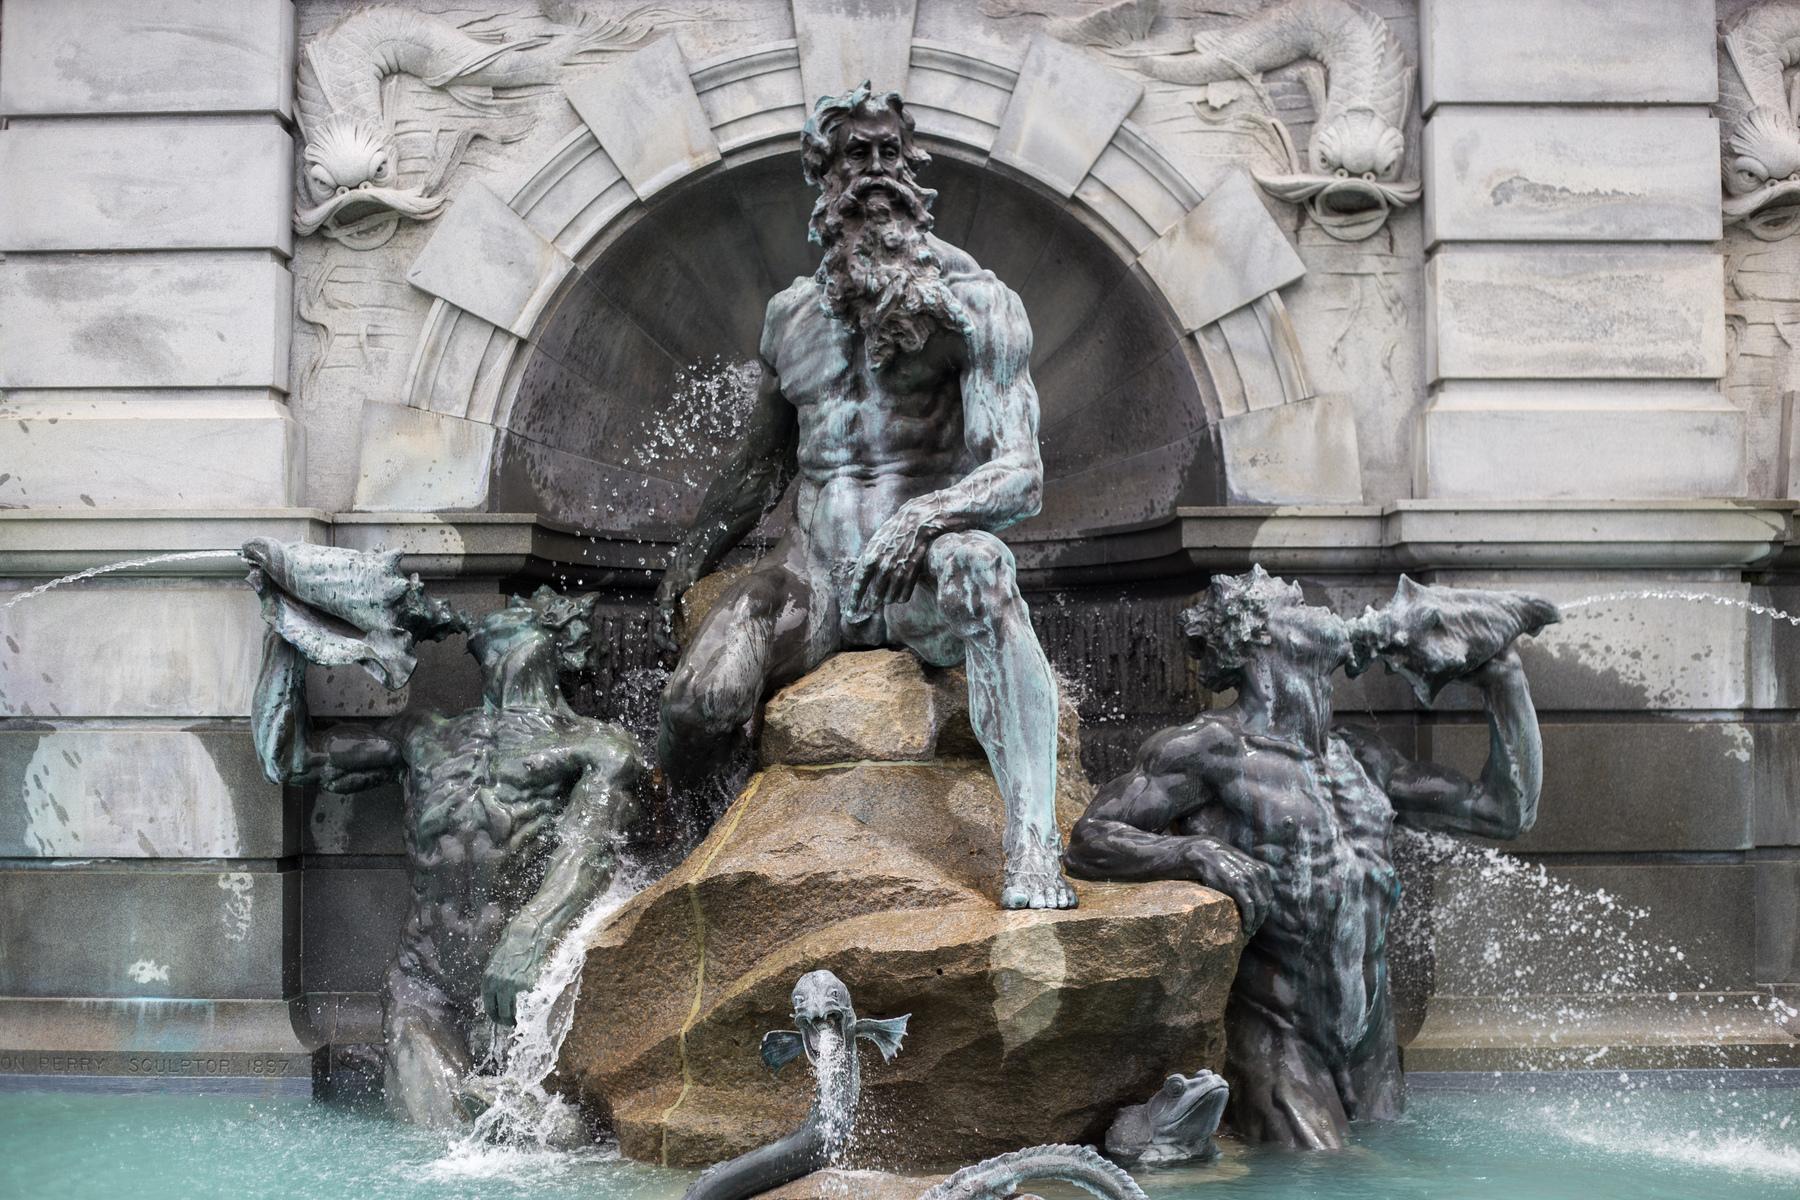 Statua Posejdona u fontani u Vašingtonu (Foto: matthewmonarca.com)